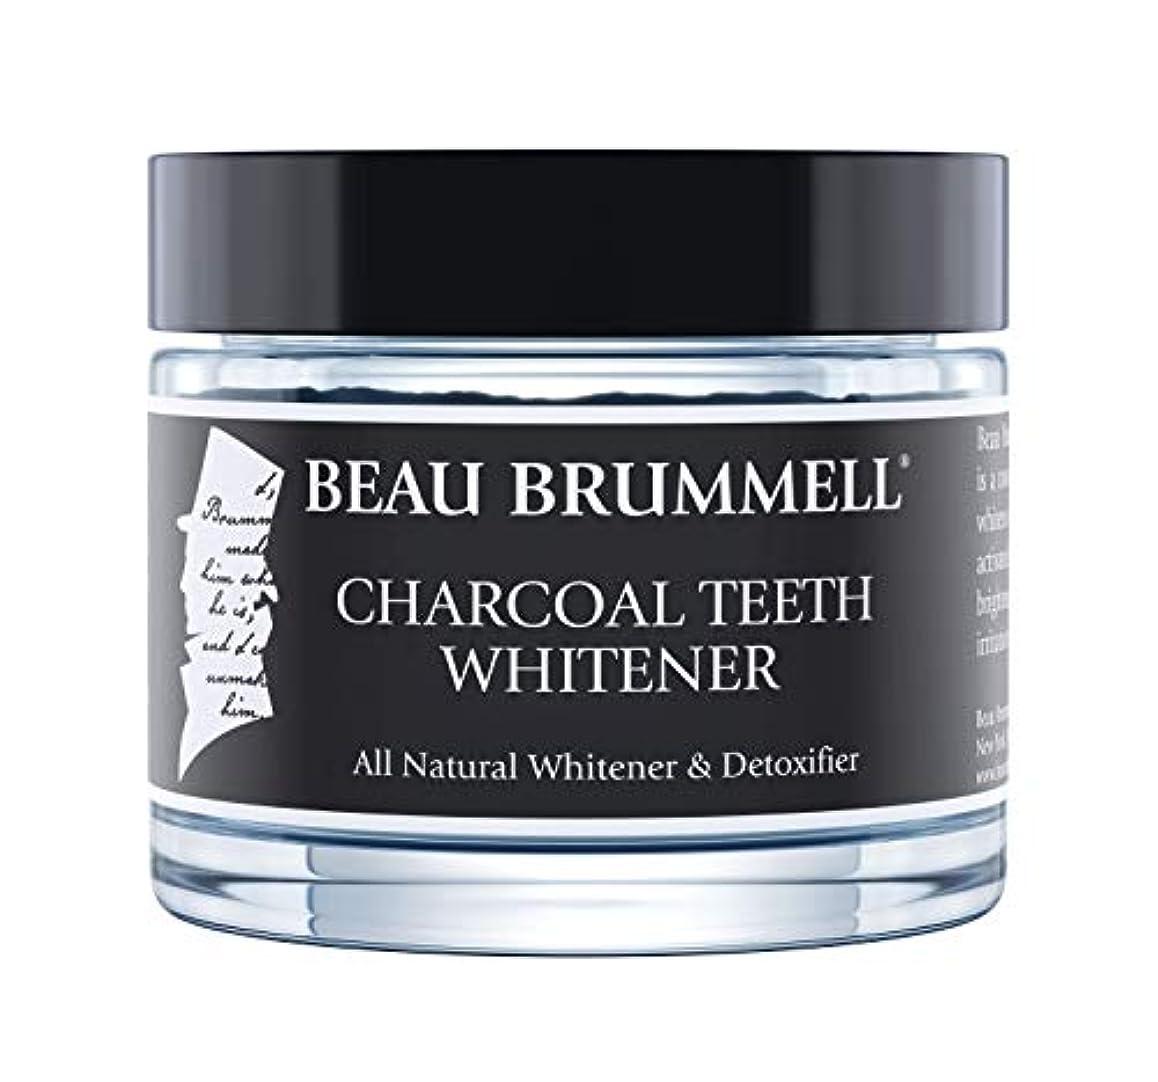 芝生ベッドを作る予防接種するBeau Brummell チャコール歯ナーナチュラル炭オーガニックココナッツ炭グレードホワイトニングパウダーを活性化